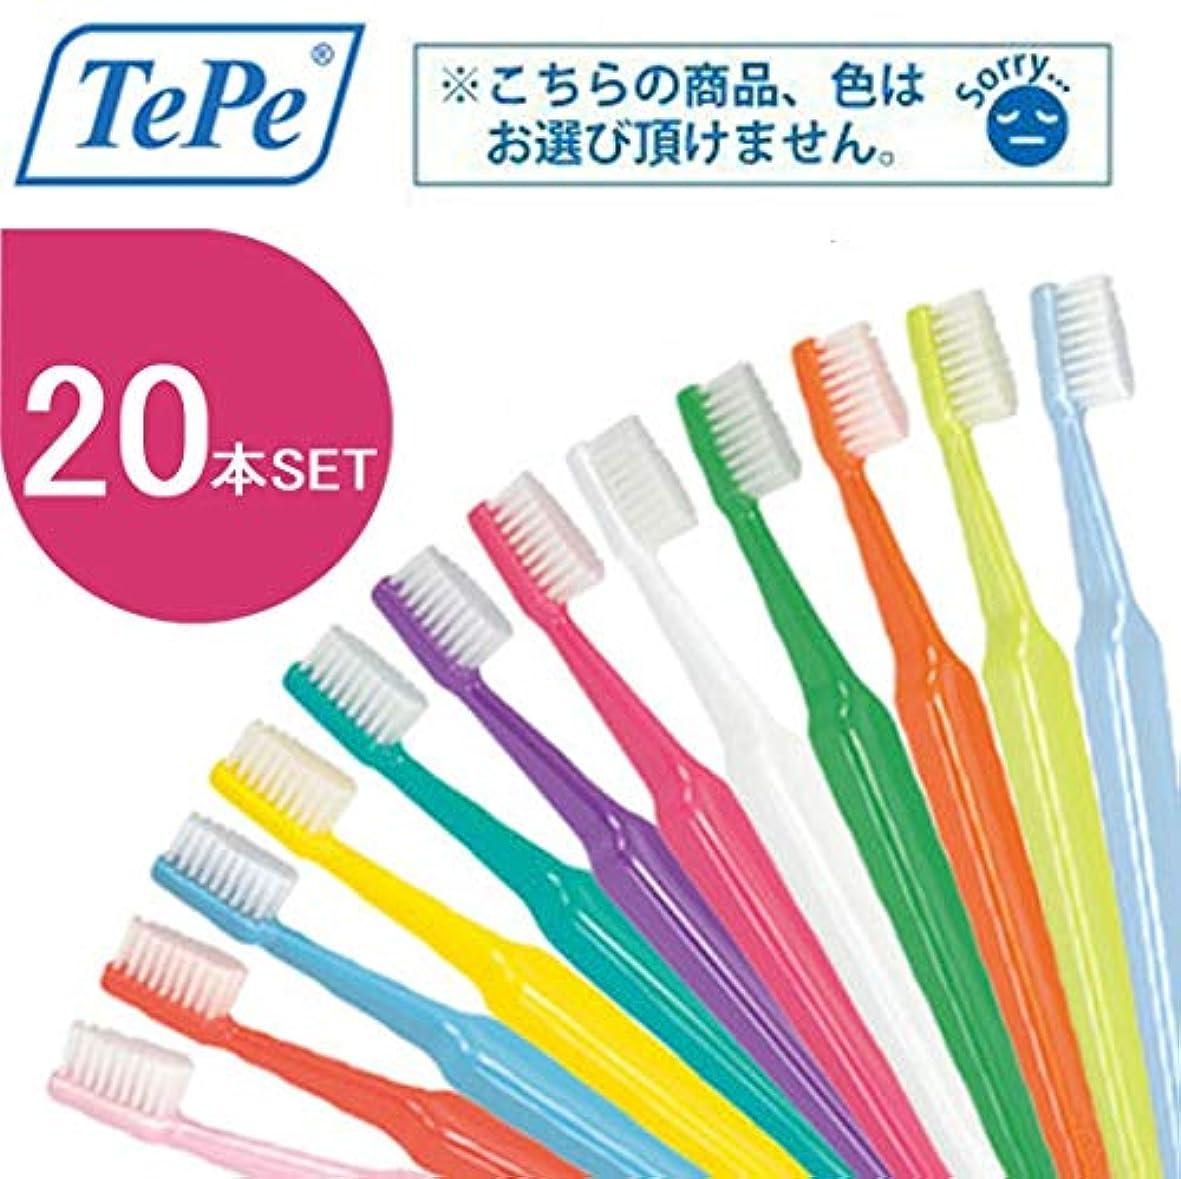 に対処する世辞拍手クロスフィールド TePe テペ セレクト 歯ブラシ 20本 (ミディアム)